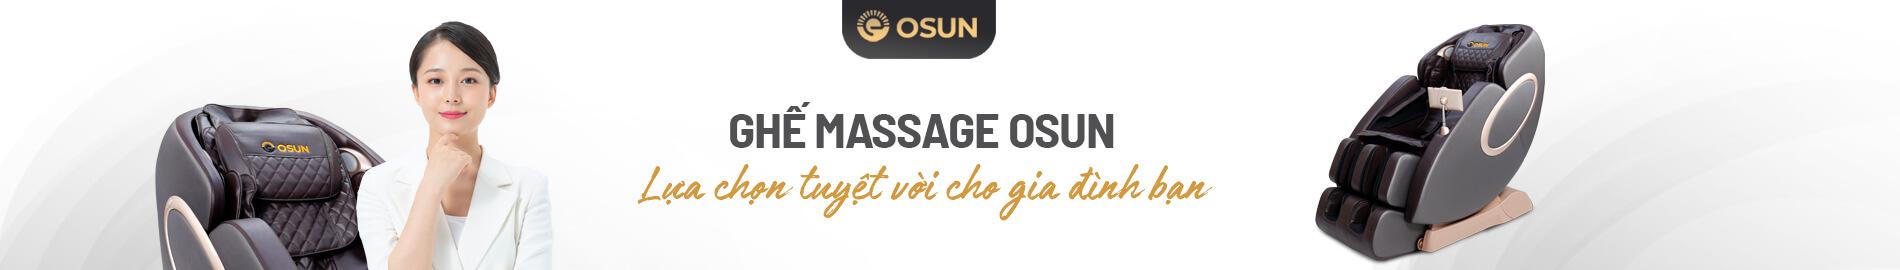 Sản phẩm - Ghế Massage Osun